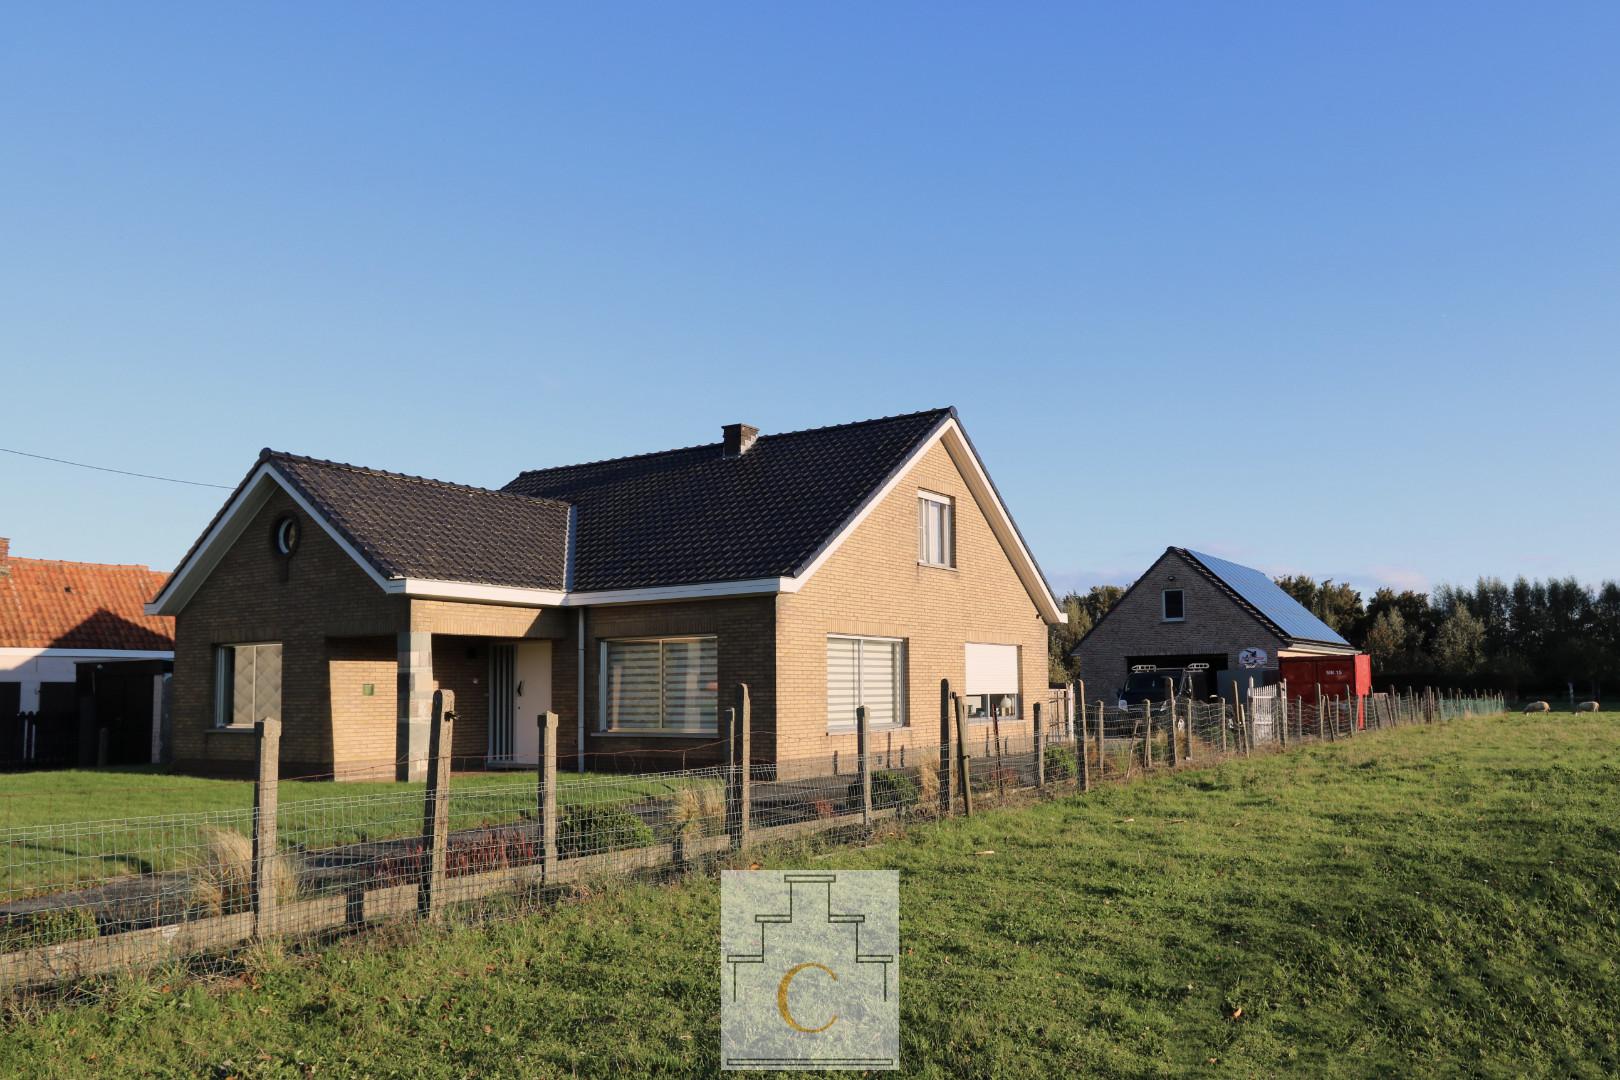 Alleenstaande woning met atelier/ garage en zalige tuin, 1539 m2, centrale ligging net buiten de dorpskern van Loppem